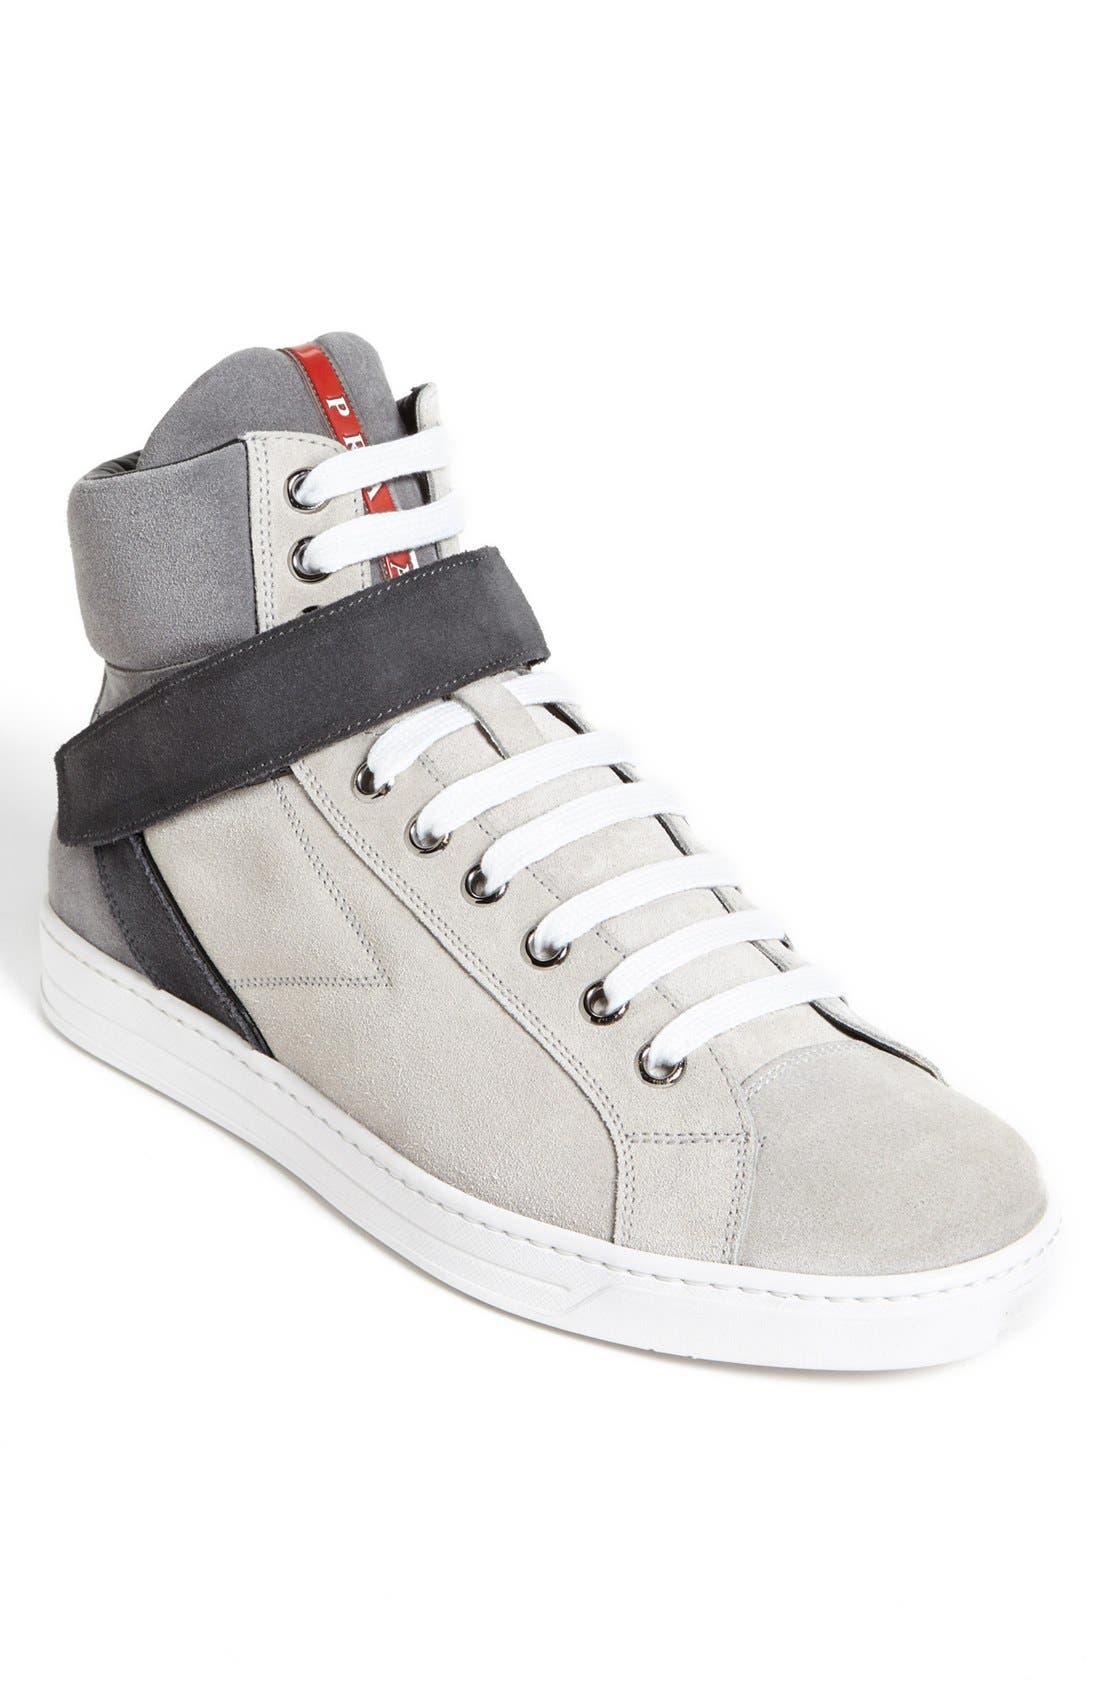 Main Image - Prada 'Avenue' High Top Sneaker